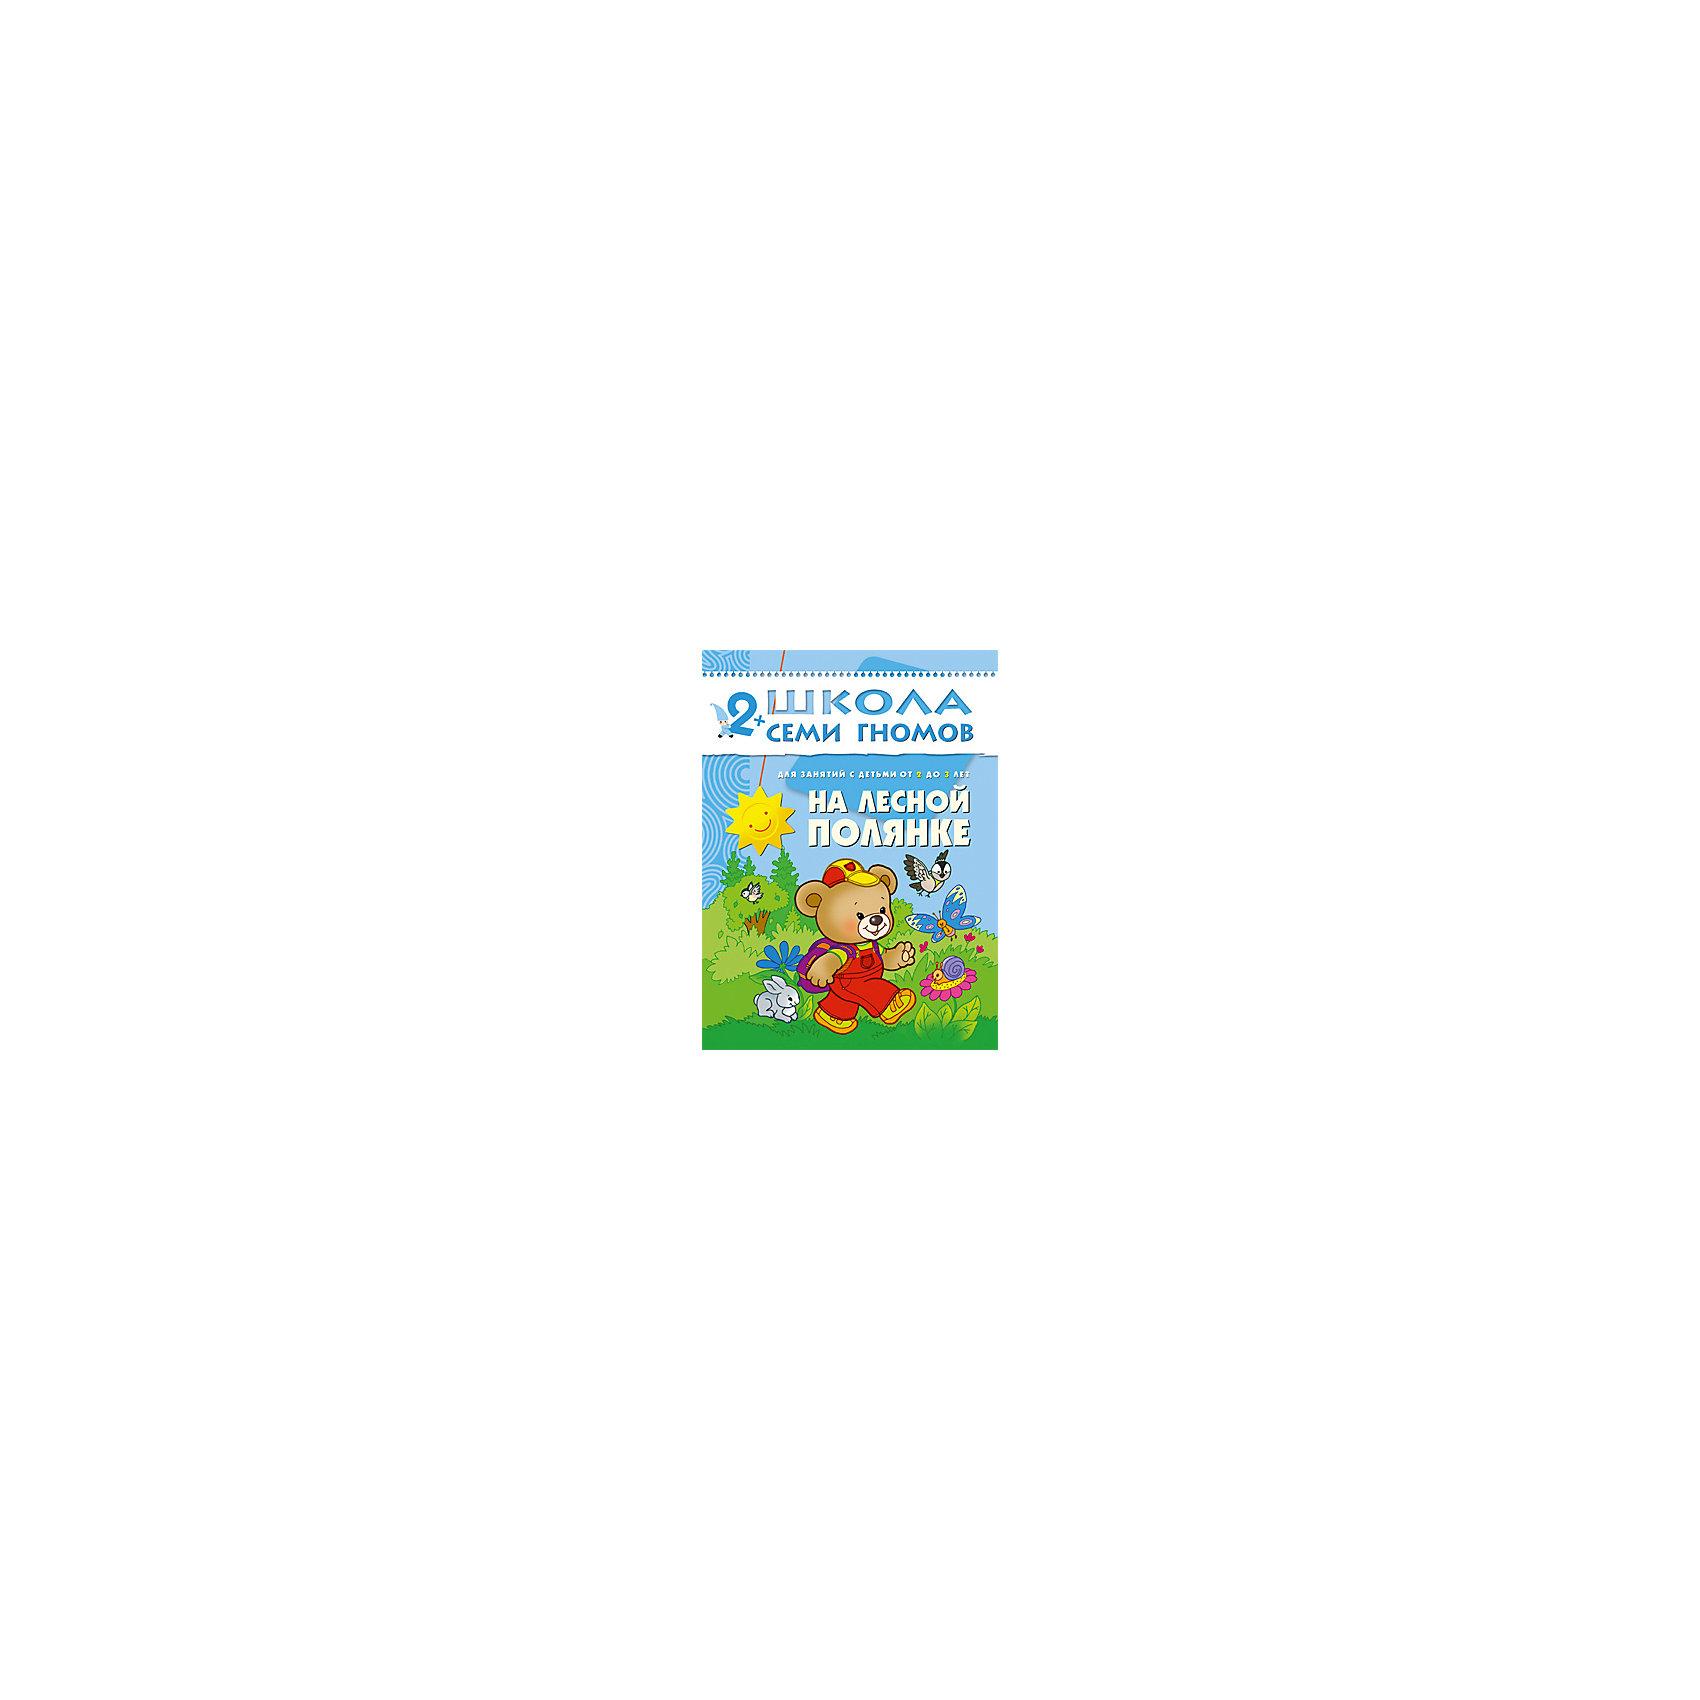 Третий год обучения На лесной полянке, Школа Семи ГномовШкола Семи Гномов<br>Третий год обучения На лесной полянке, Школа Семи Гномов.<br><br>Характеристики:<br><br>- Издатель : МОЗАИКА-СИНТЕЗ<br>- Денисова Д.<br>- Обложка: мягкая .<br>- Размер: 290x2x215<br>- Вес: 130 г<br>- Число страниц: 16<br><br>На лесной полянке. Третий блок развивающих книжек предназначен для малышей от 2 до 3 лет. У книг этой серии голубые обложки. Обложка глянцевая, книгу приятно взять в руки и предложить ребенку. Книга На лесной полянке развивающей серии Школа семи гномов прекрасно подойдет для ознакомления ребенка 2-3 лет с окружающим миром. Рассматривая картинки, отвечая на вопросы в книге, малыш развивает словарный запас и мышление. <br><br>В книге вас ждет увлекательная игра. Вырежьте маленькие картинки с насекомыми, животными и растениями, разложите перед малышом, попросите его найти определенную карточку. Эту картинку нужно наклеить в нужное место на полях. Также вам предлагается картонная вкладка с бумажными заготовками бабочки и жука. Их нужно вырезать, раскрасить и использовать в играх с малышом или для украшения детской. Занятия по этой книге знакомят малыша с окружающим миром, развивают речь и память. Книга также будет интересна детям более старшего возраста.<br><br>Третий год обучения На лесной полянке, Школа Семи Гномов, можно купить в нашем интернет – магазине.<br><br>Ширина мм: 2<br>Глубина мм: 215<br>Высота мм: 290<br>Вес г: 130<br>Возраст от месяцев: 24<br>Возраст до месяцев: 36<br>Пол: Унисекс<br>Возраст: Детский<br>SKU: 5362786